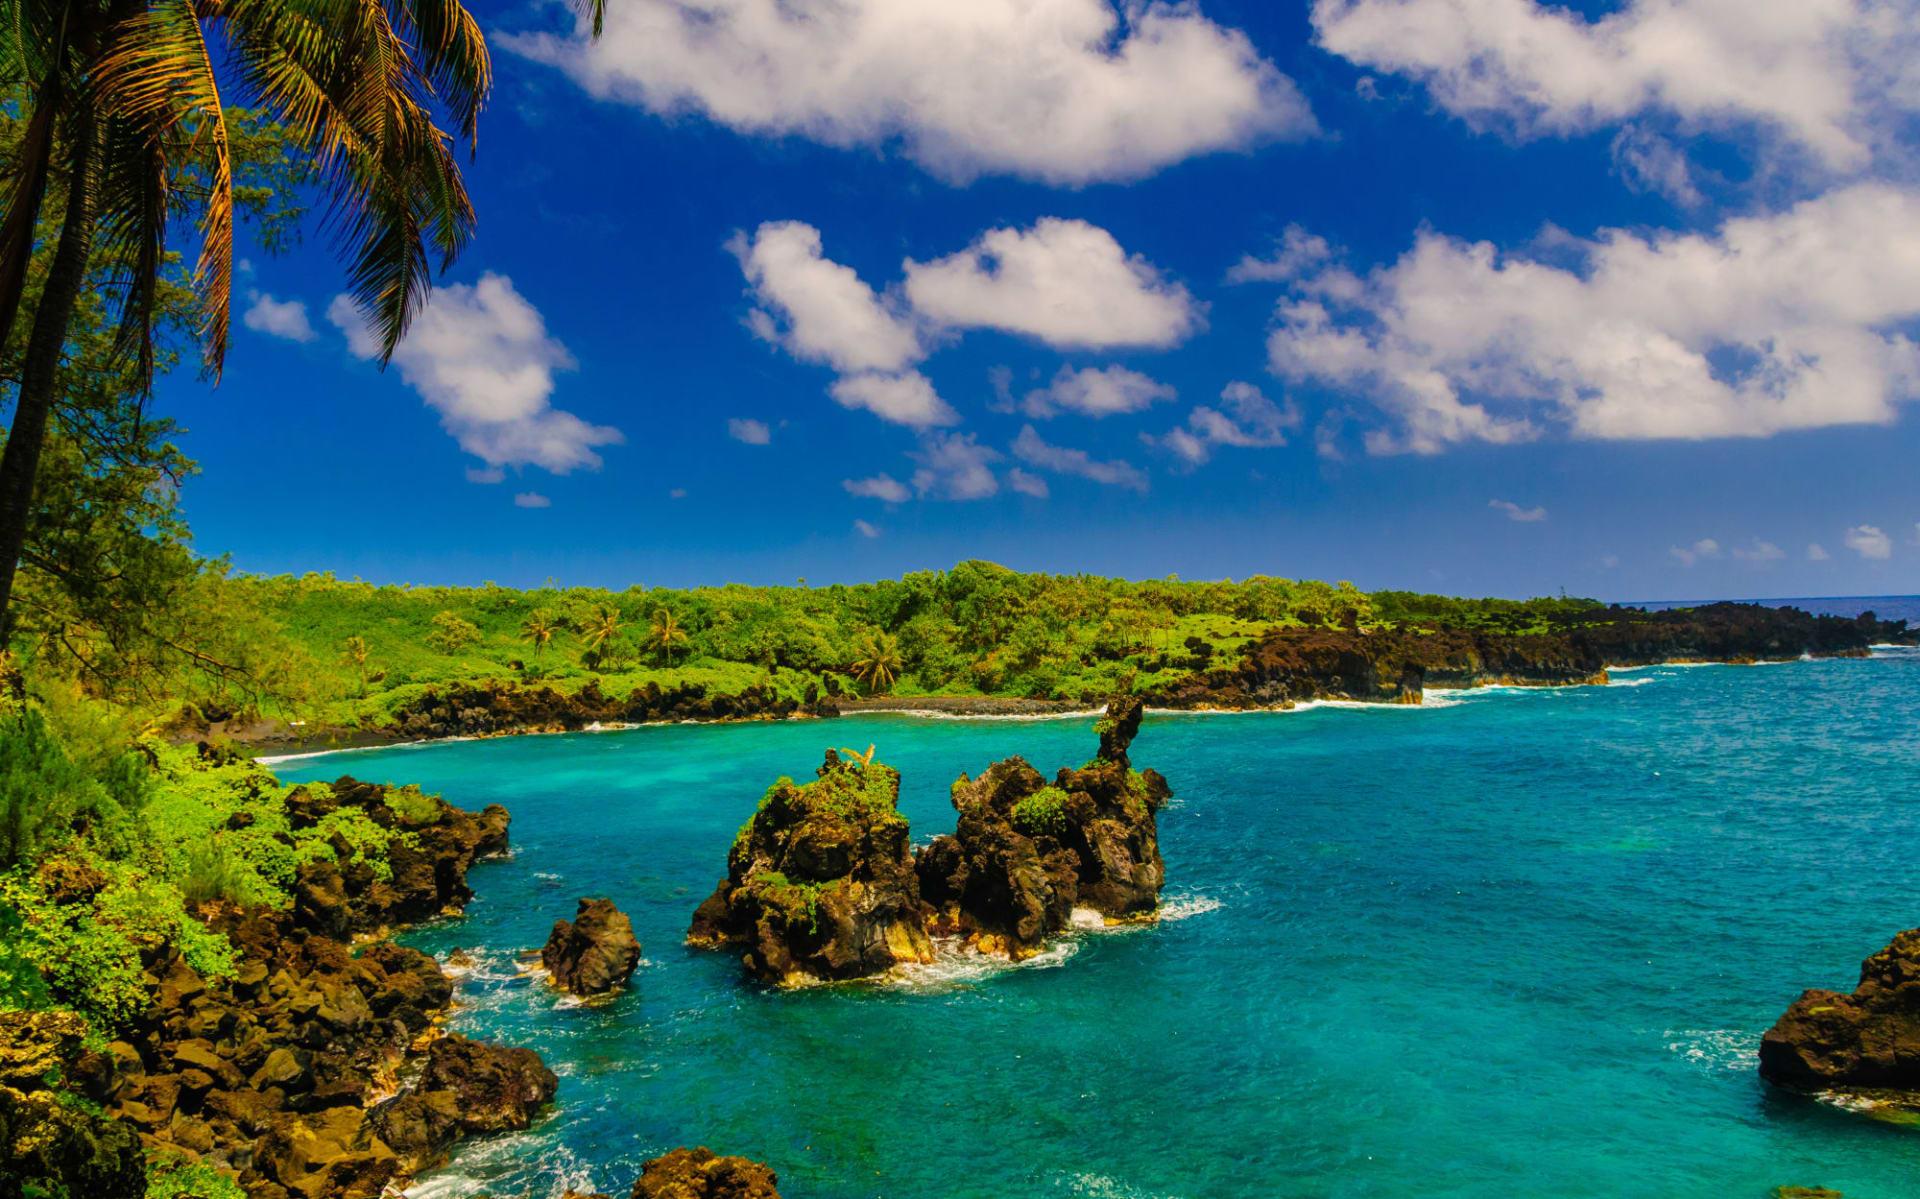 Hawaii - Trails im Südpazifik ab Kona: USA_Hawaii_Maui_Road to Hana